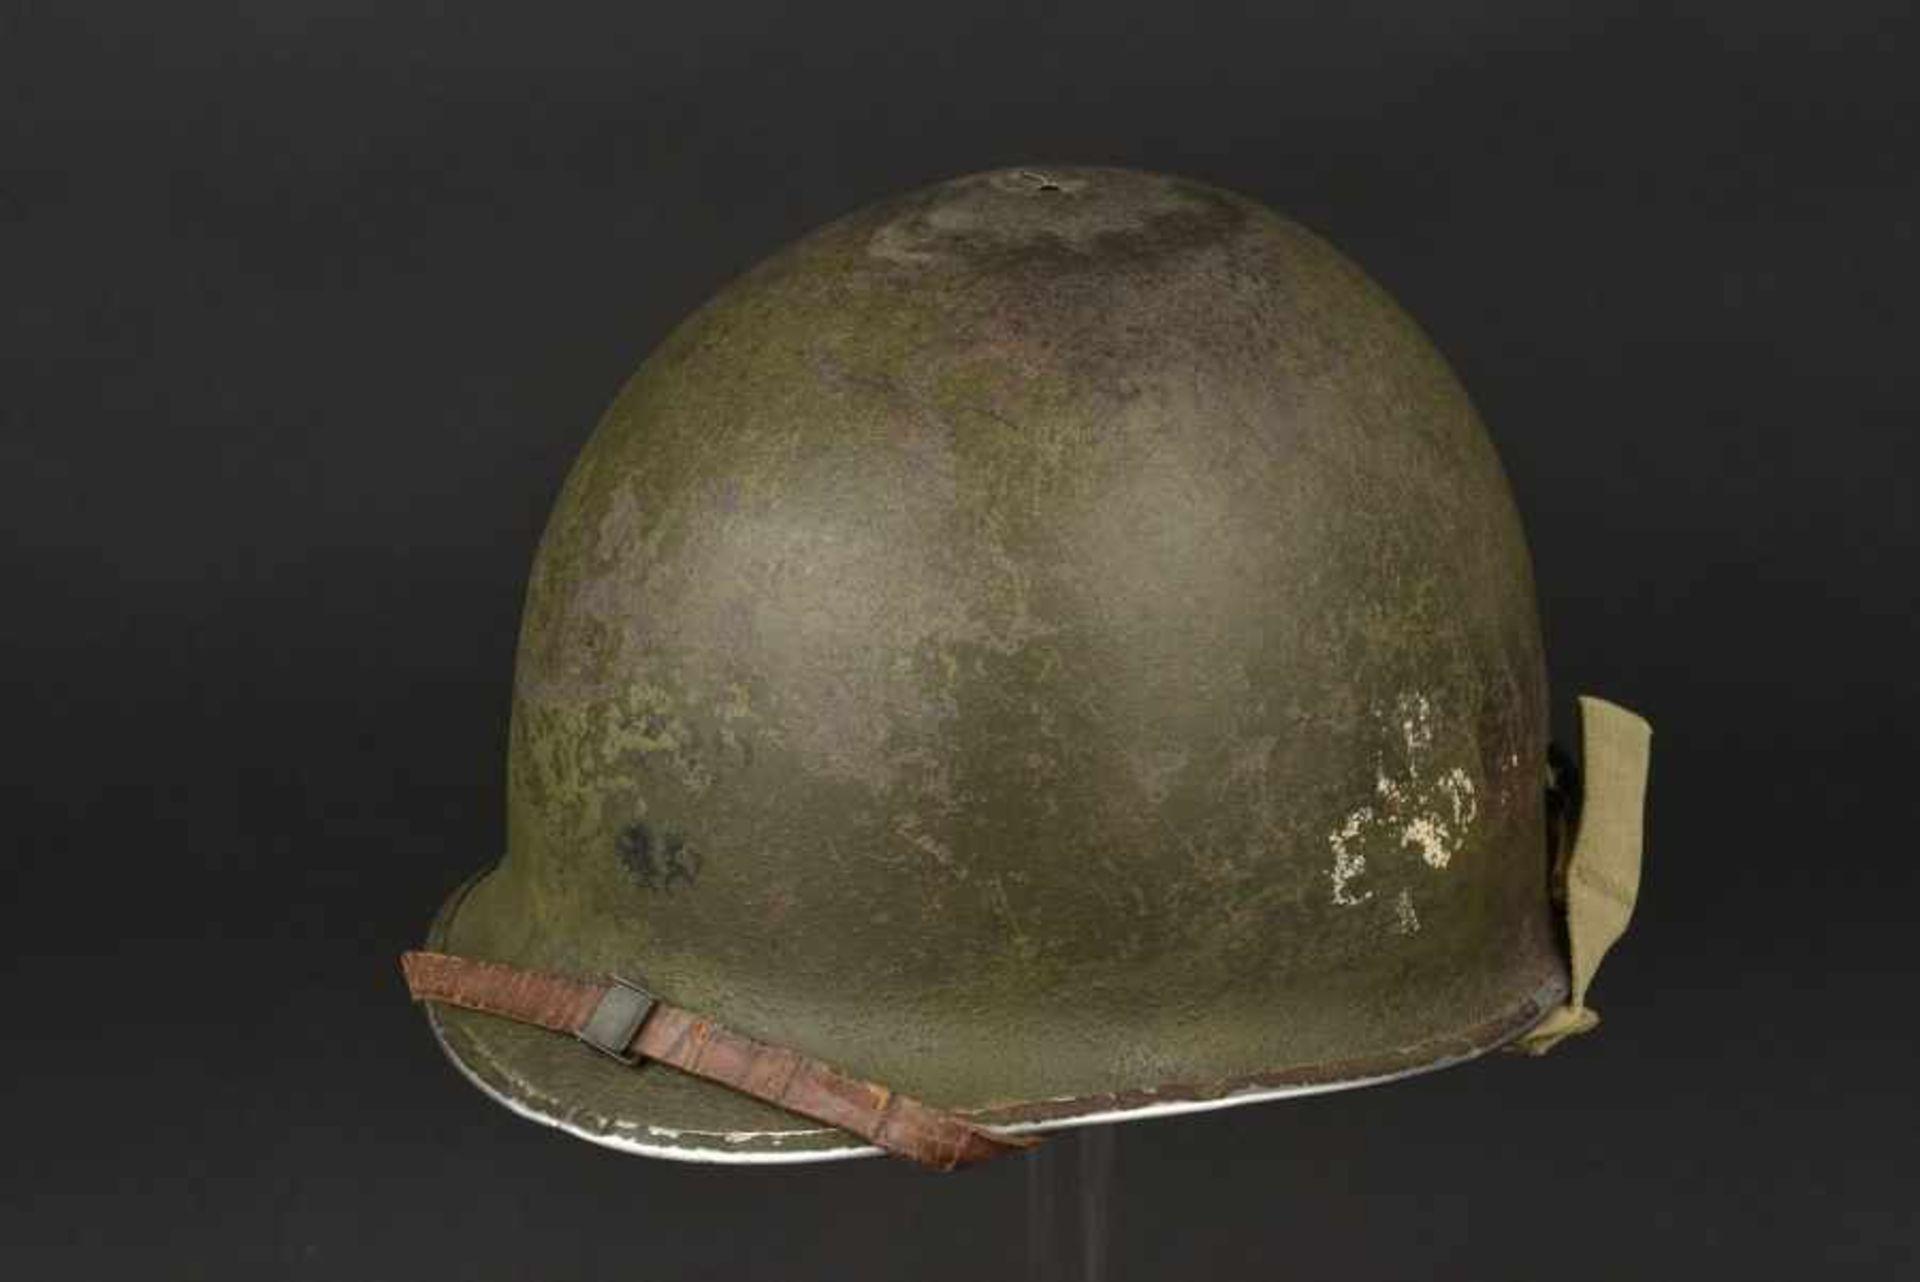 Casque de parachustiste du 1st batallion du 327th GIR de la 101st Airborne. Paratrooper's helmet